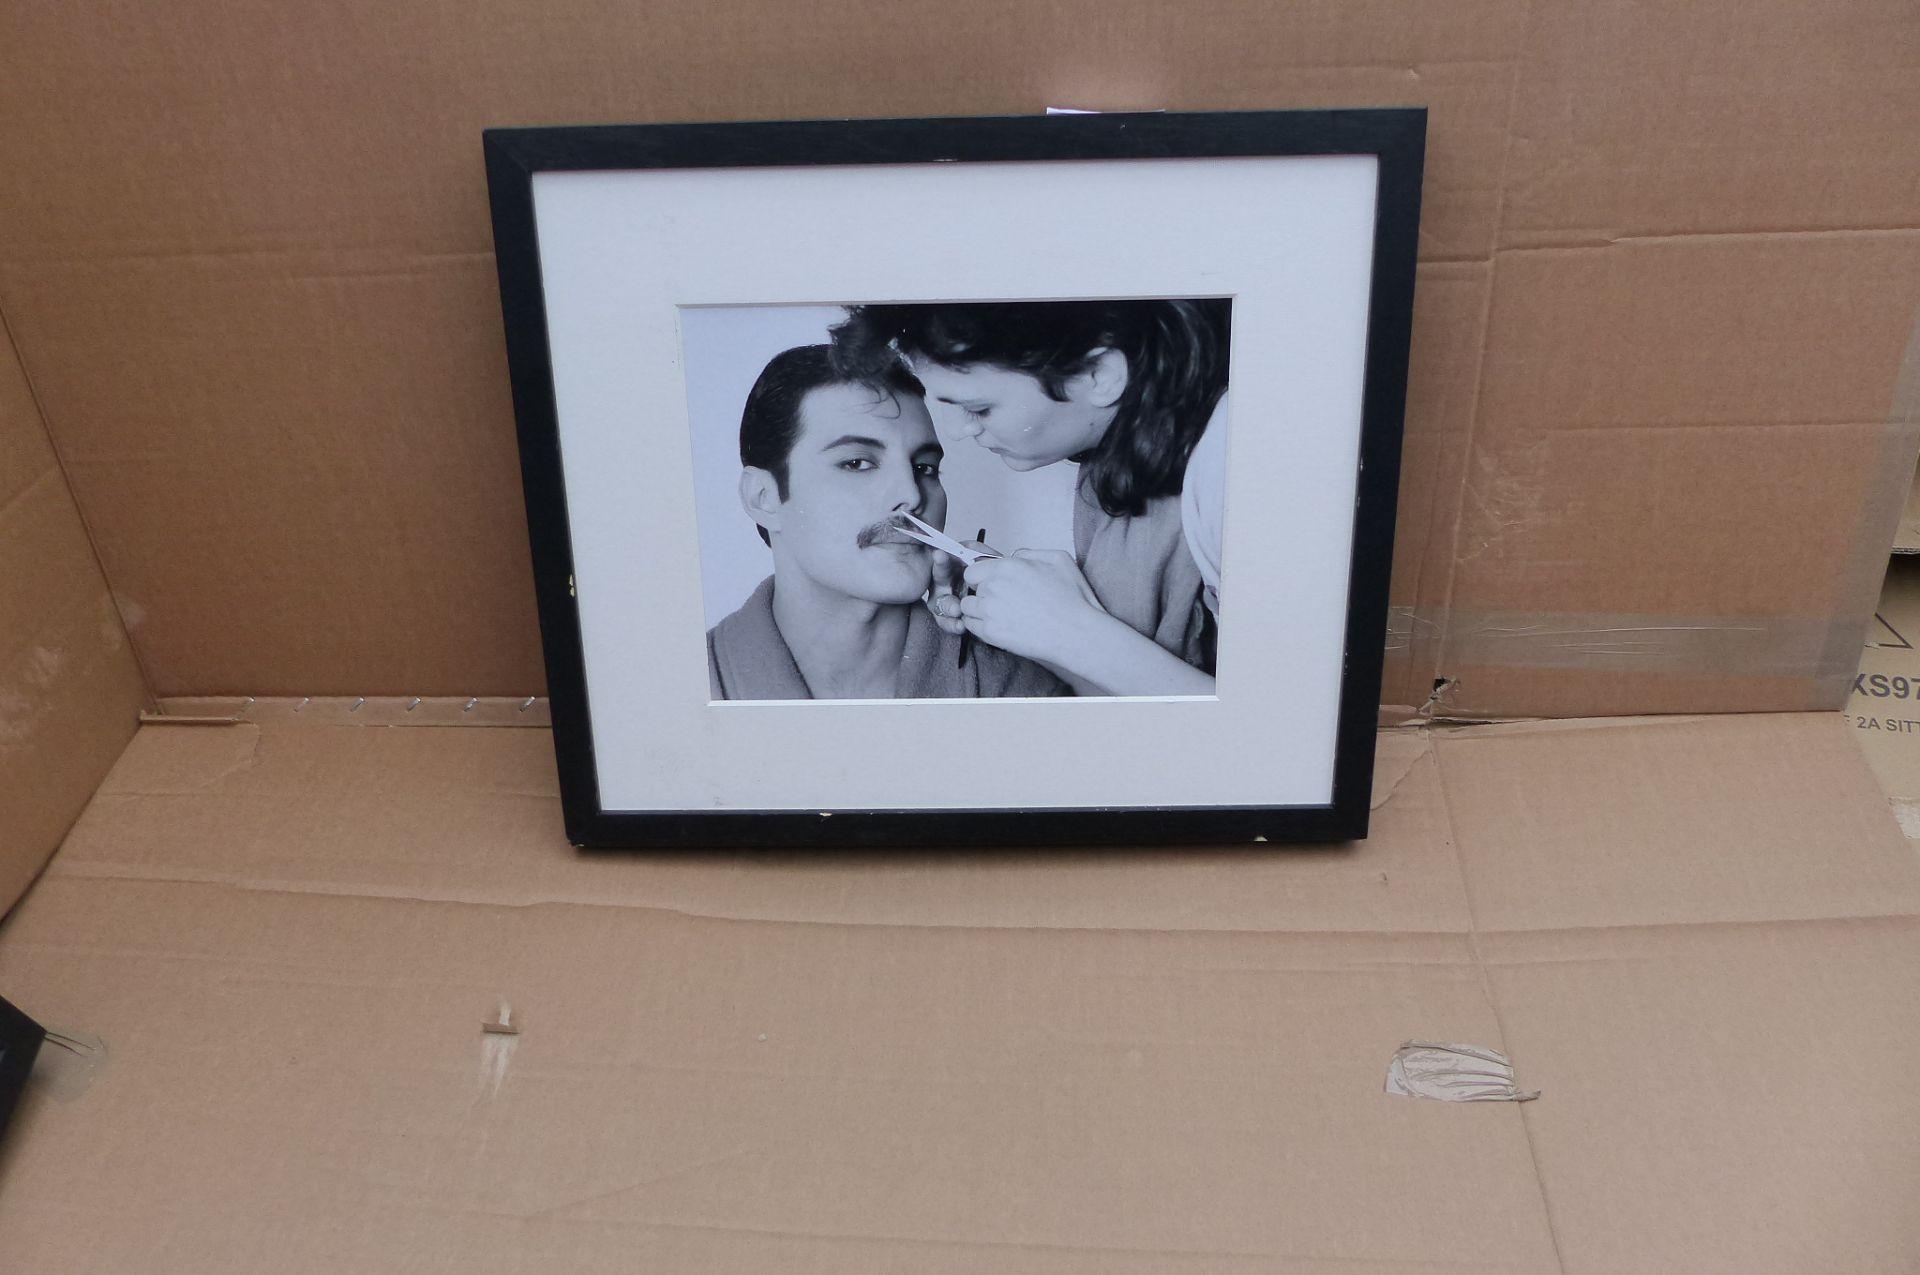 Getty Images Gallery - Grooming Freddie Mercury Wood Framed Print & Mount, 49.5 x 57.5cm